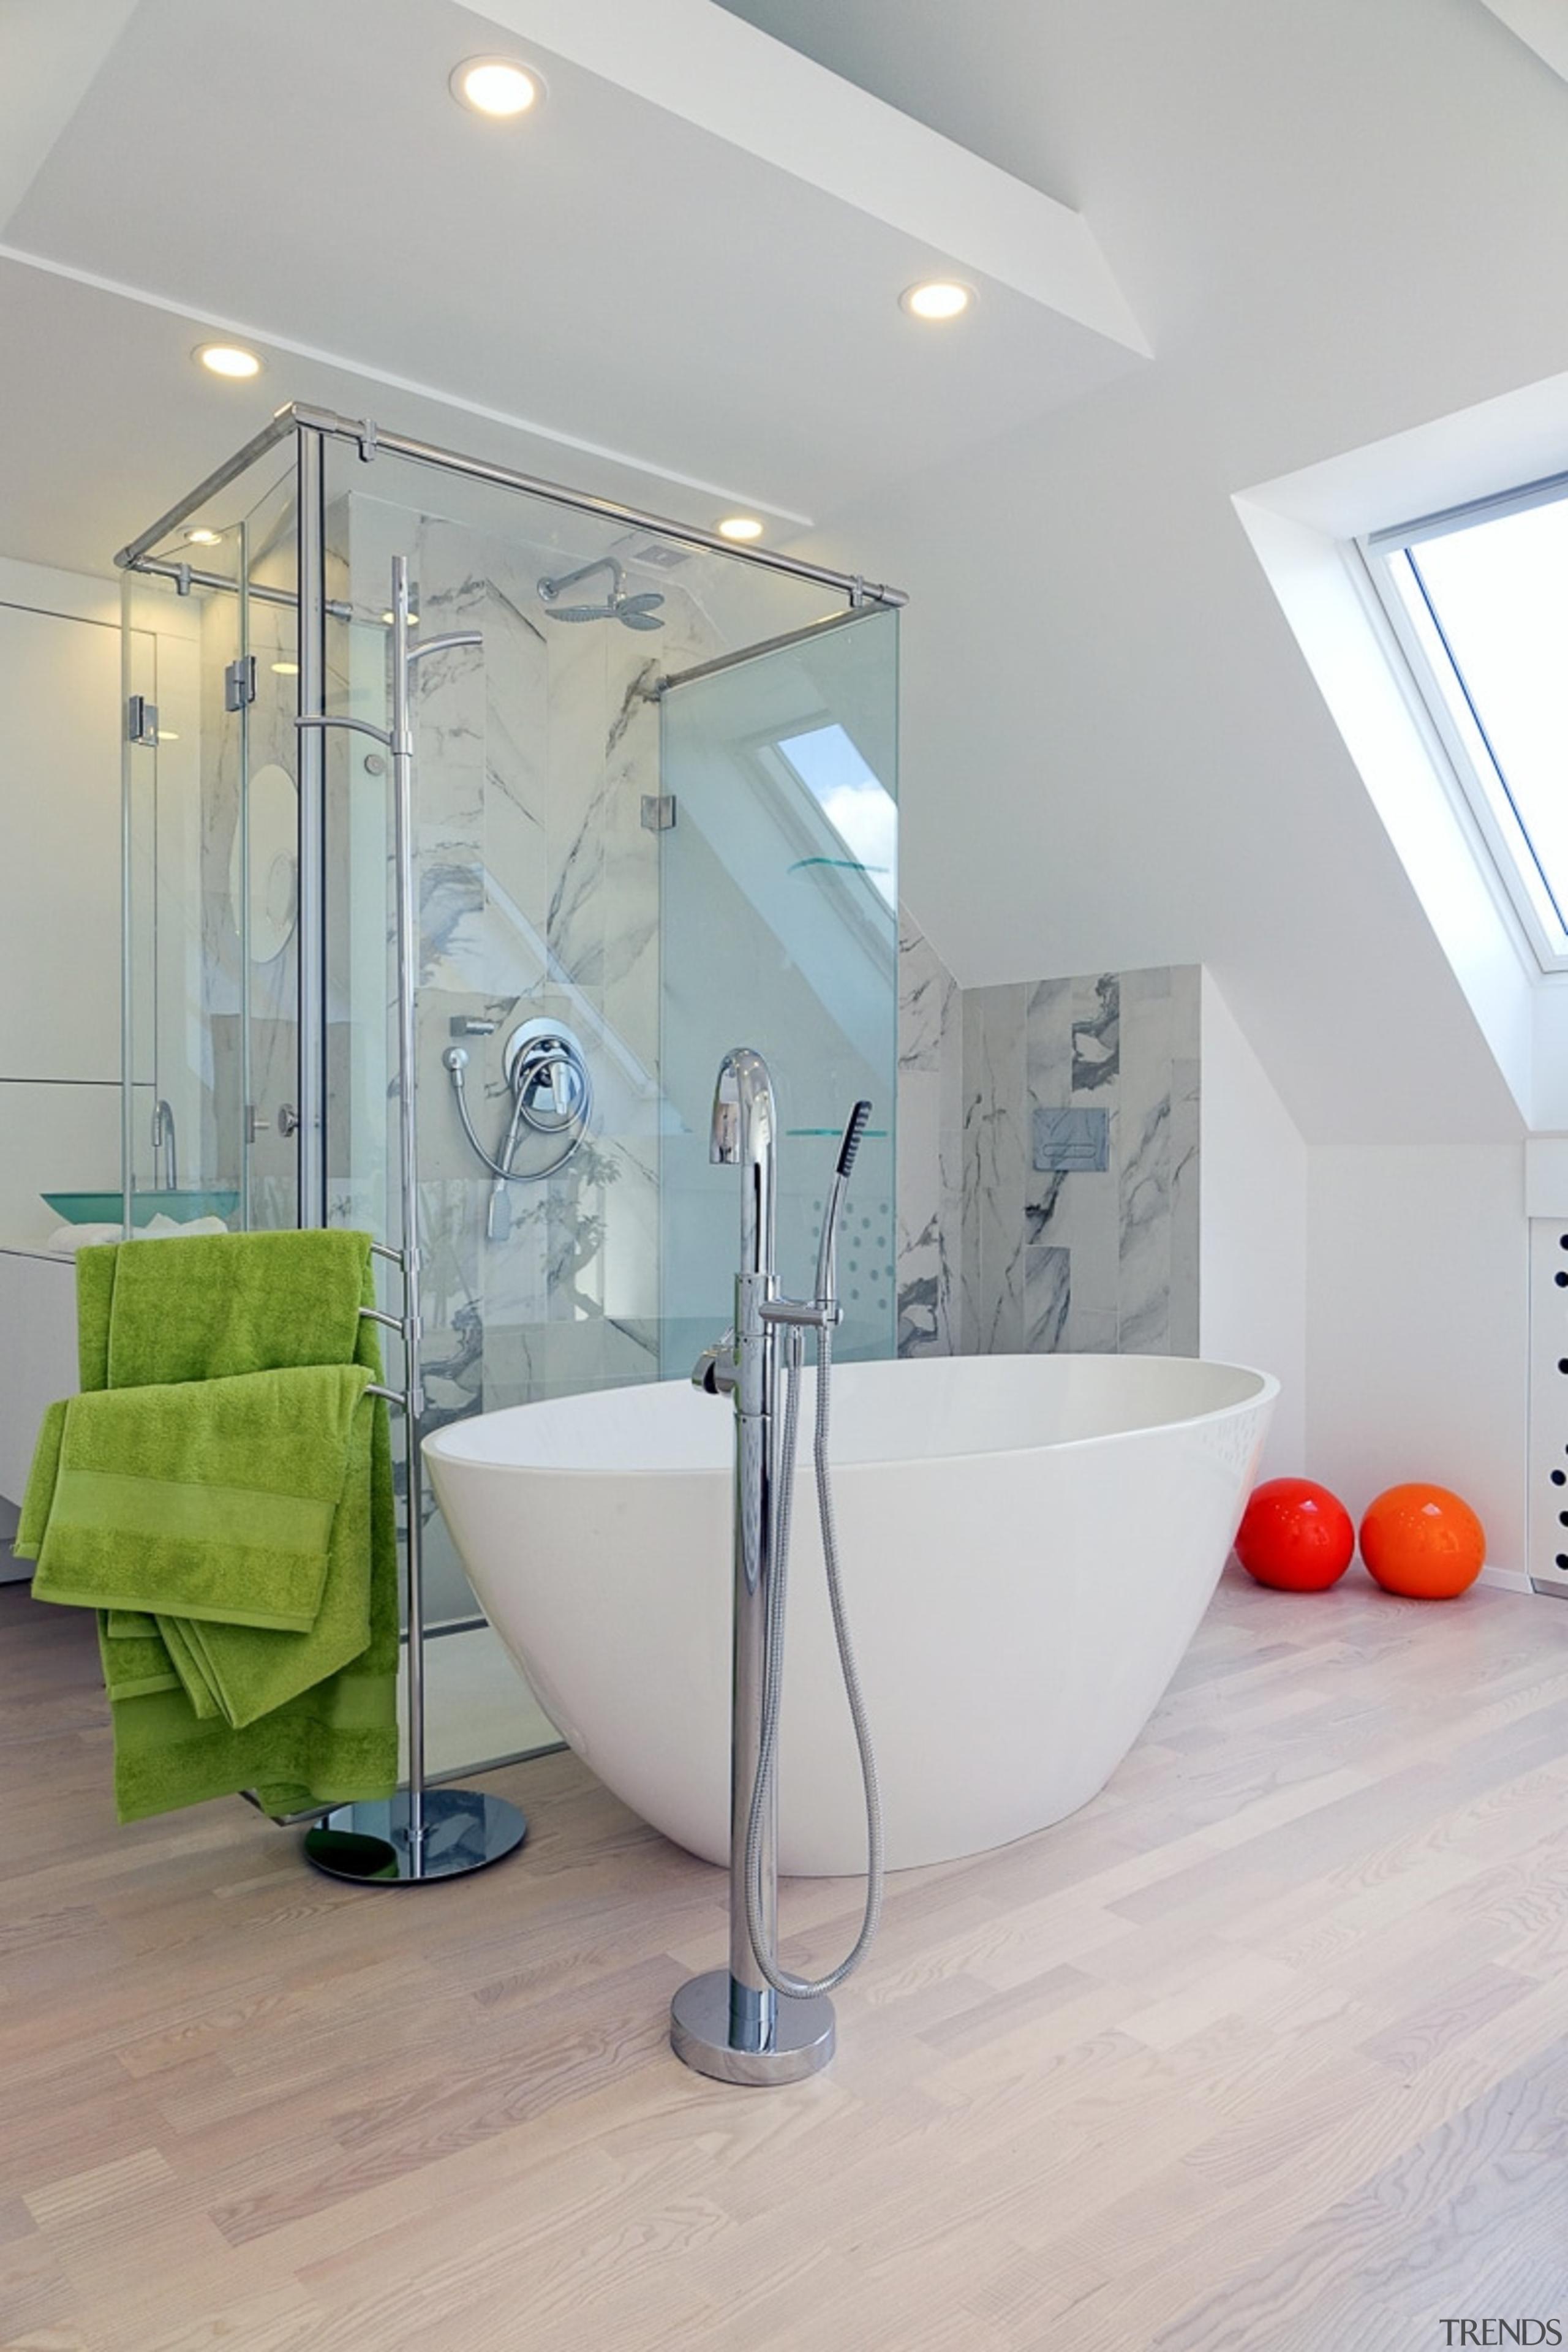 The upper floor bedroom is a place of architecture, bathroom, floor, interior design, plumbing fixture, room, gray